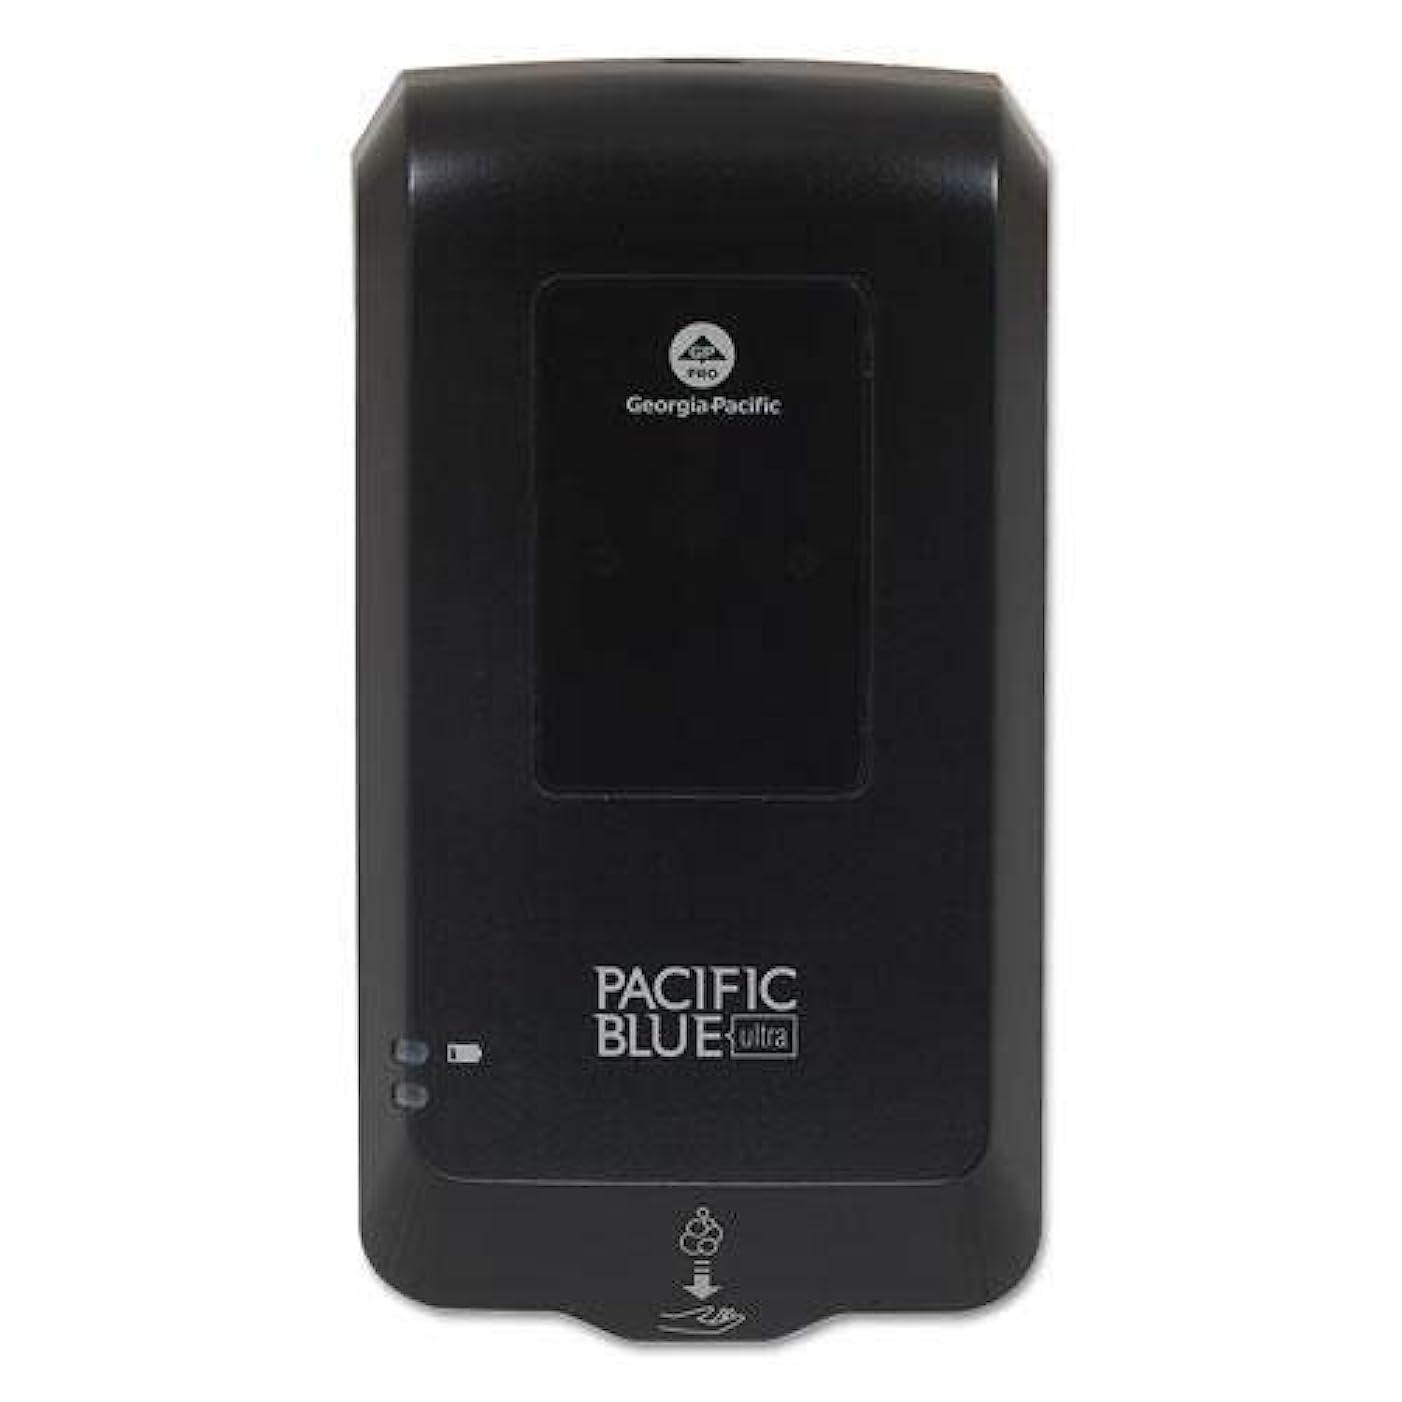 シュガー機械的名義でGPC53590 - パシフィックブルー ウルトラプロ ブルー ウルトラ自動ディスペンサー